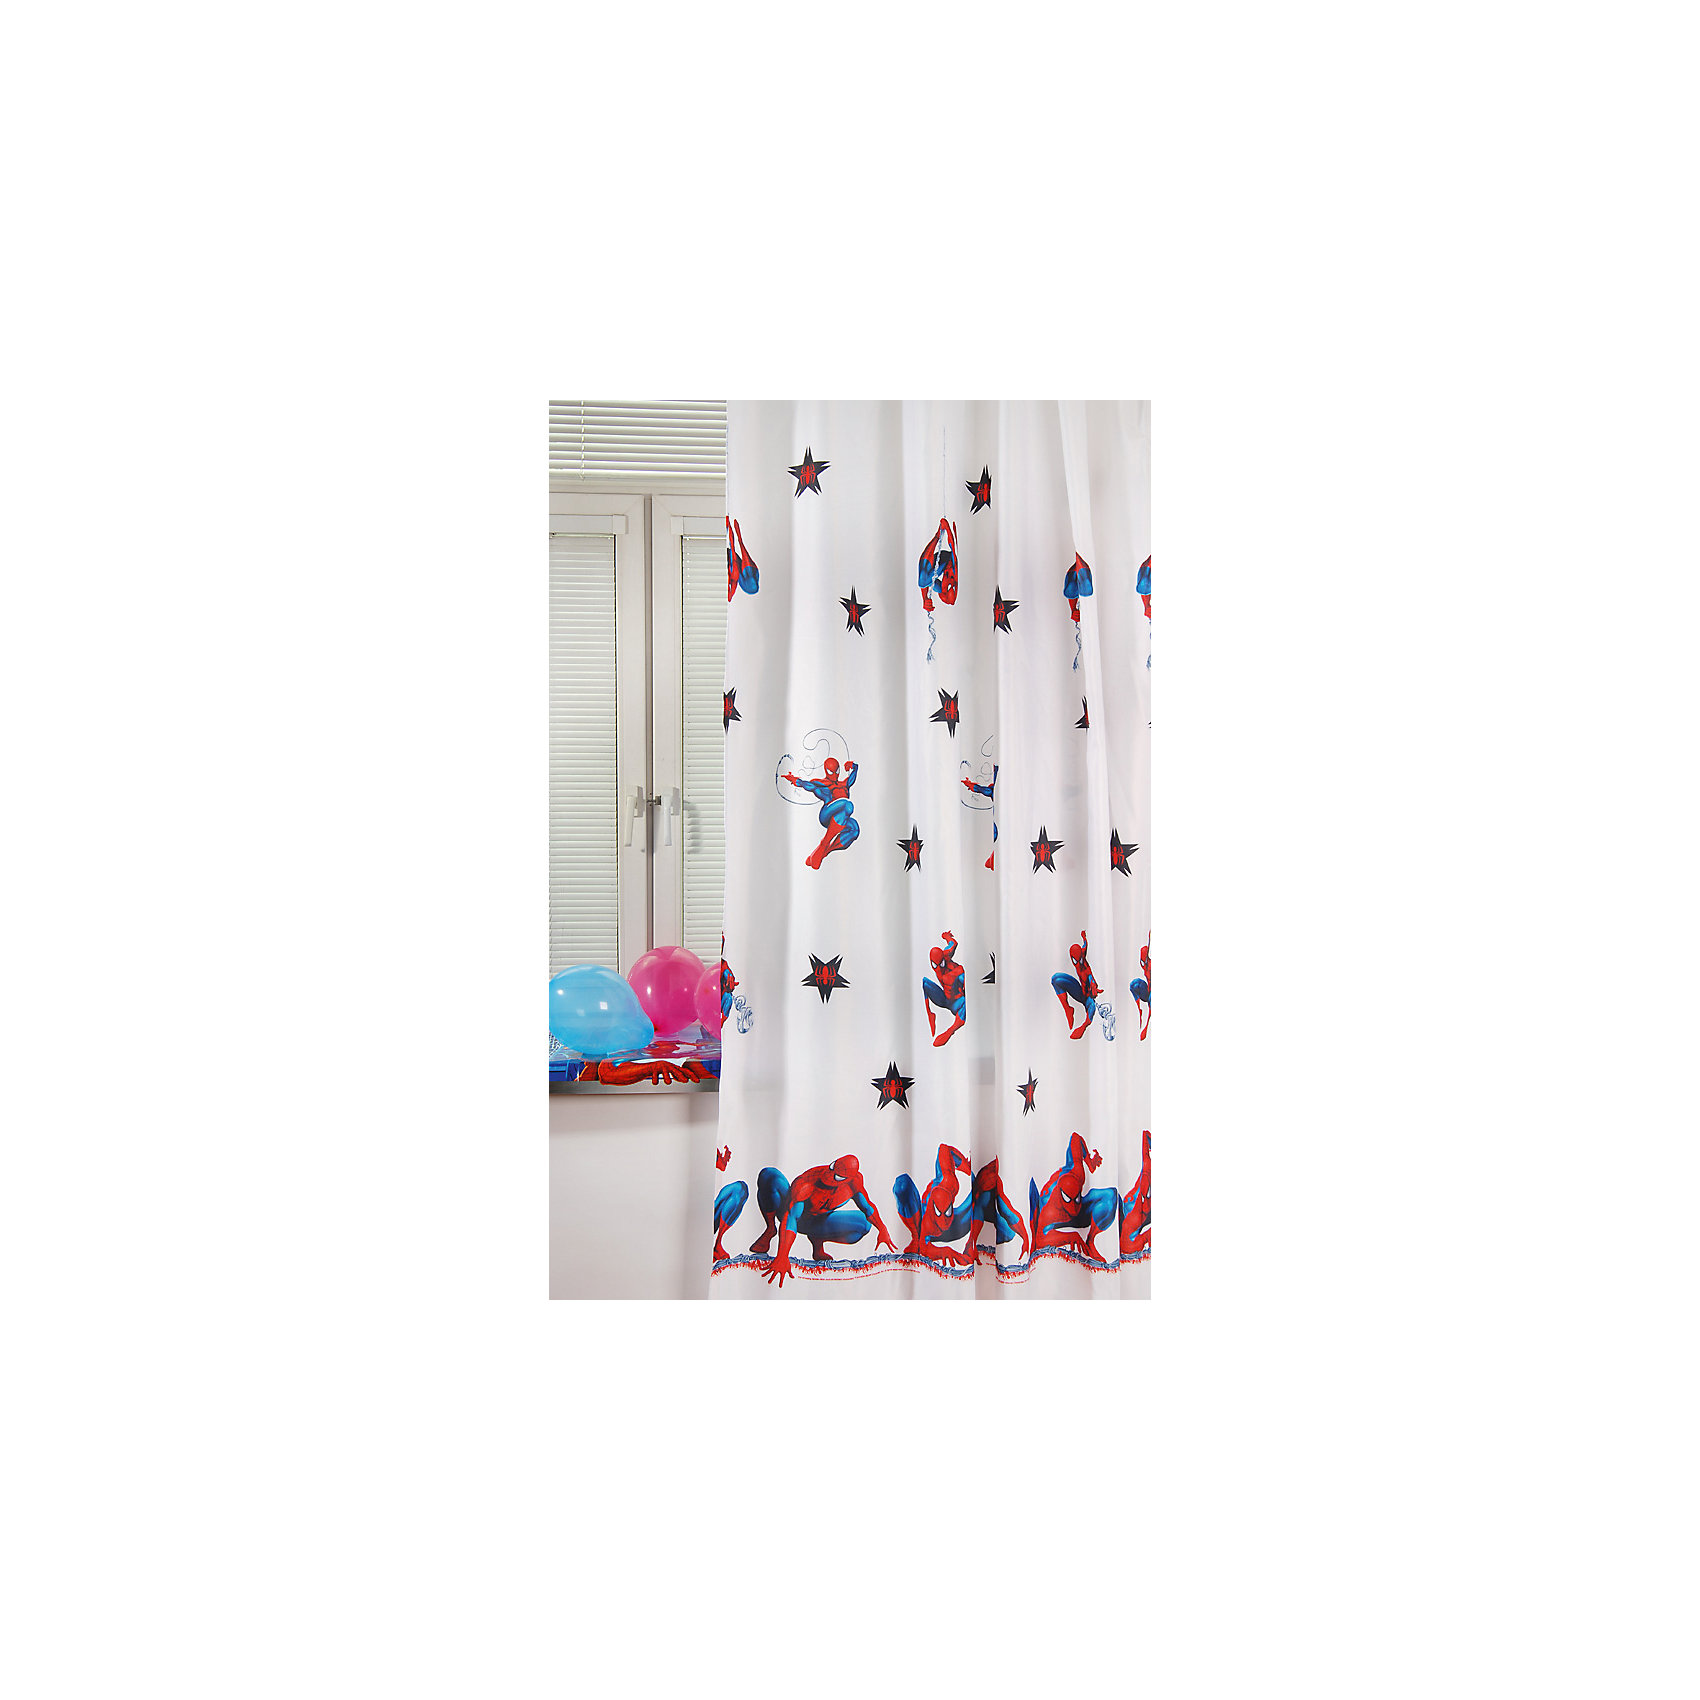 TAC Белая портьера Человек-Паук 200 * 265 (высота) см tac портьера детская 200см х 265см персиковый